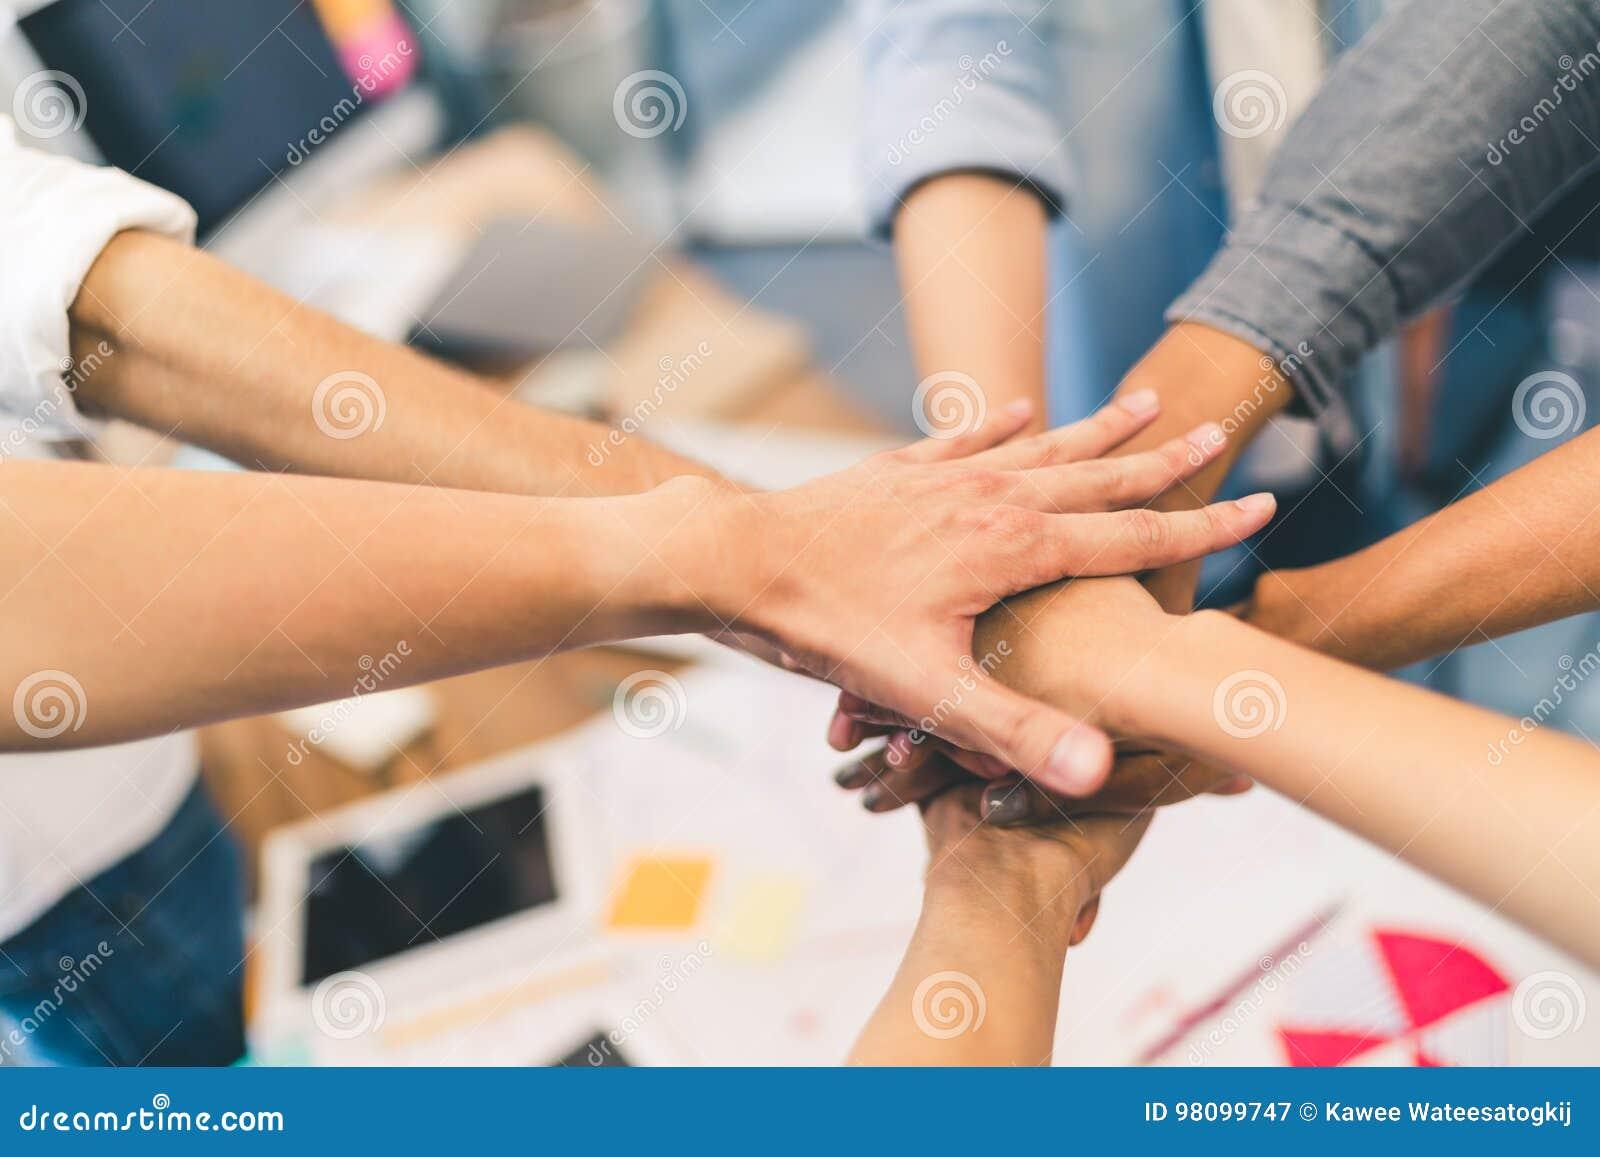 商务伙伴配合或友谊概念 不同种族的不同的小组同事一起加入手